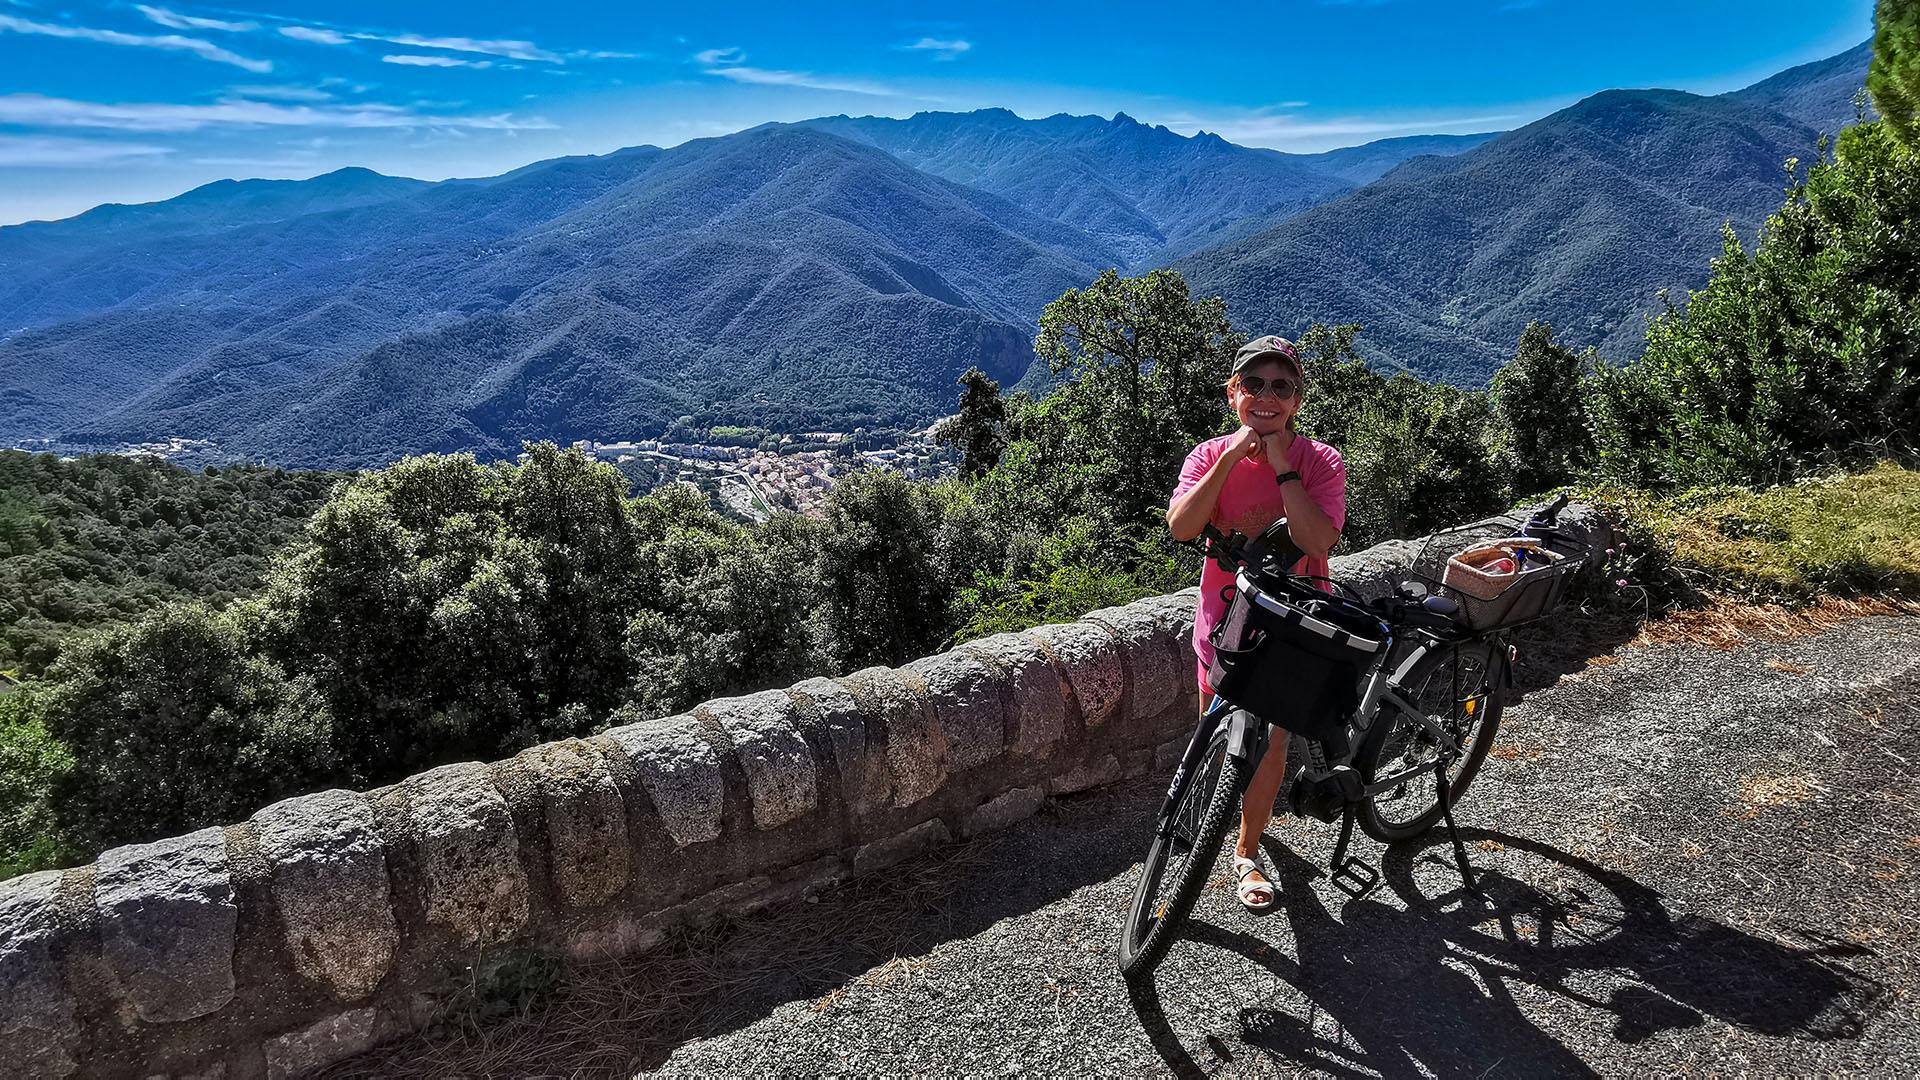 Montbolo, randonnée, vélo, haut valespir, france, méditerranée, l'oasis de nat